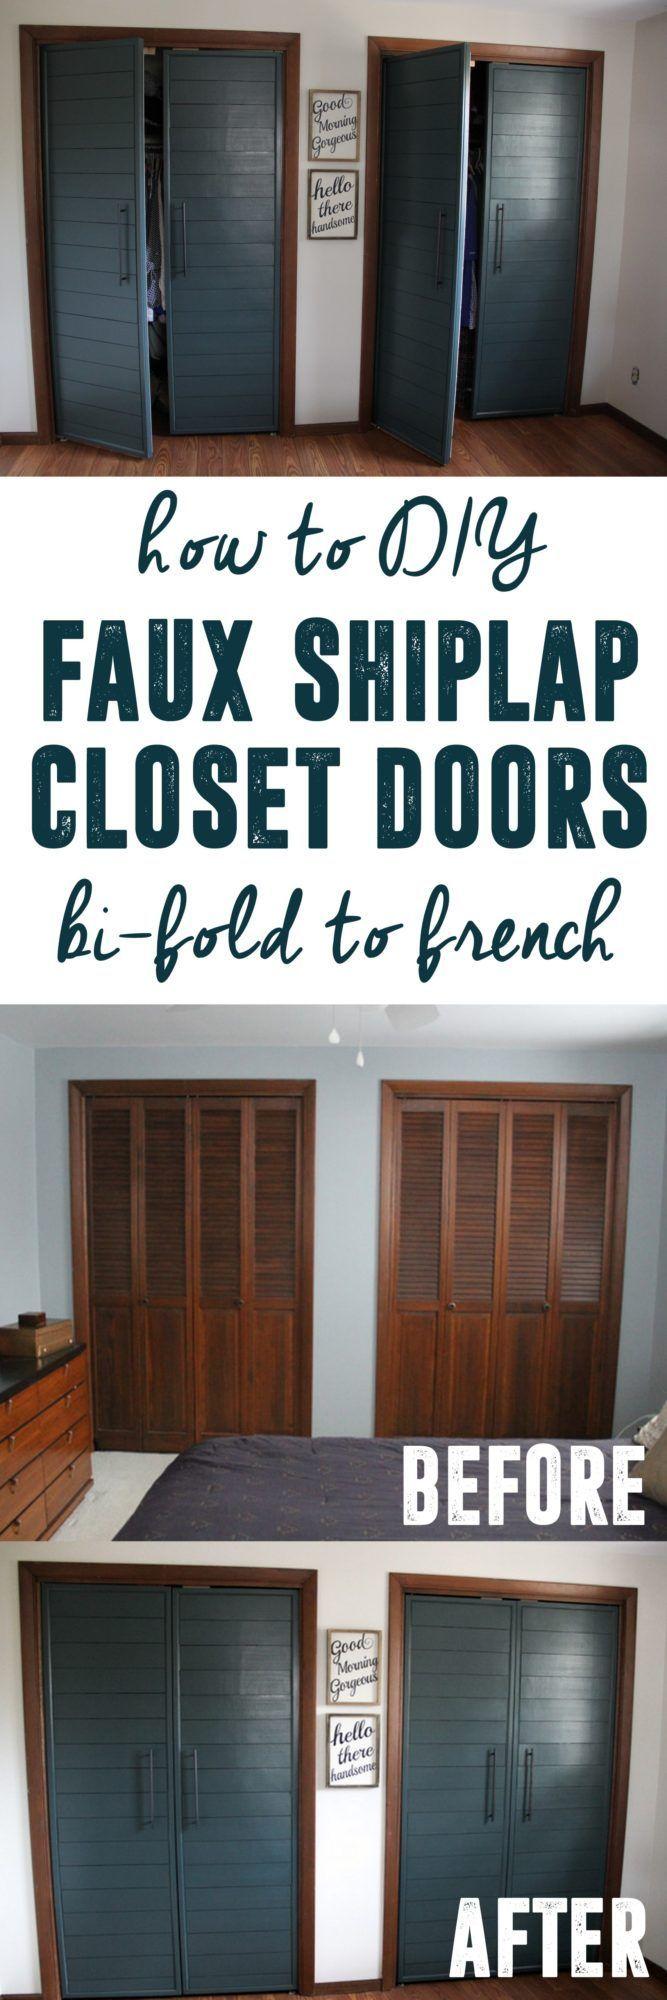 Bi-fold to Faux Shiplap French Closet Doors | Diy closet ...